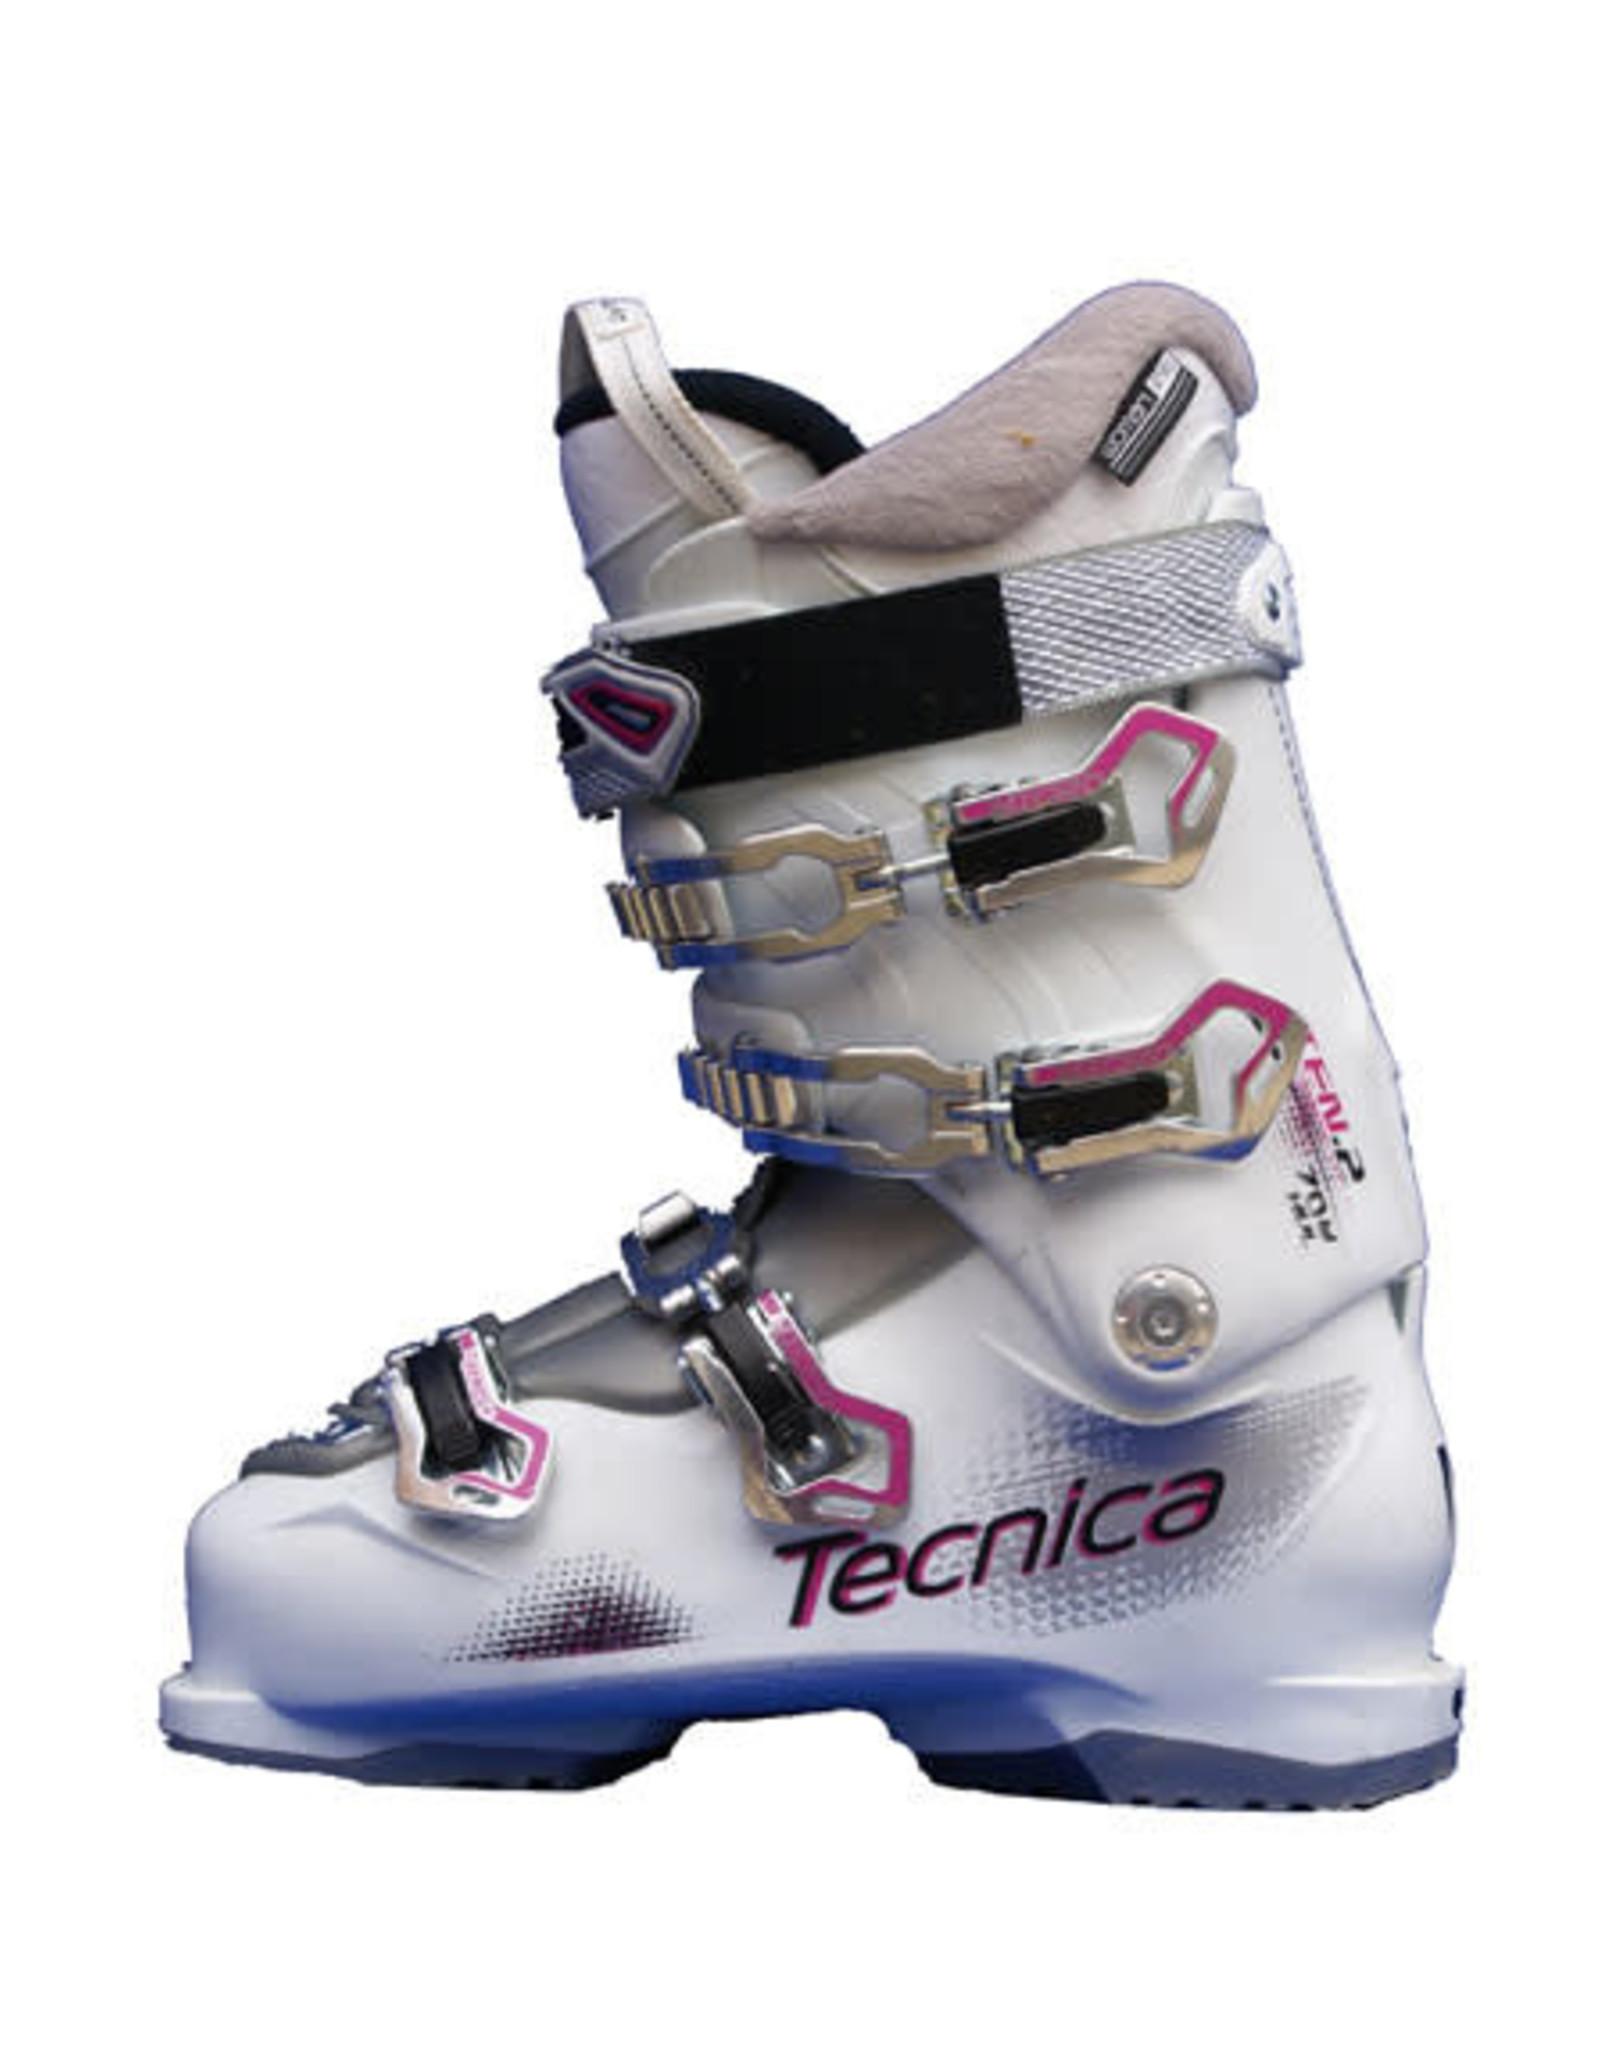 TECNICA Skischoenen TECNICA Ten-2 Gebruikt